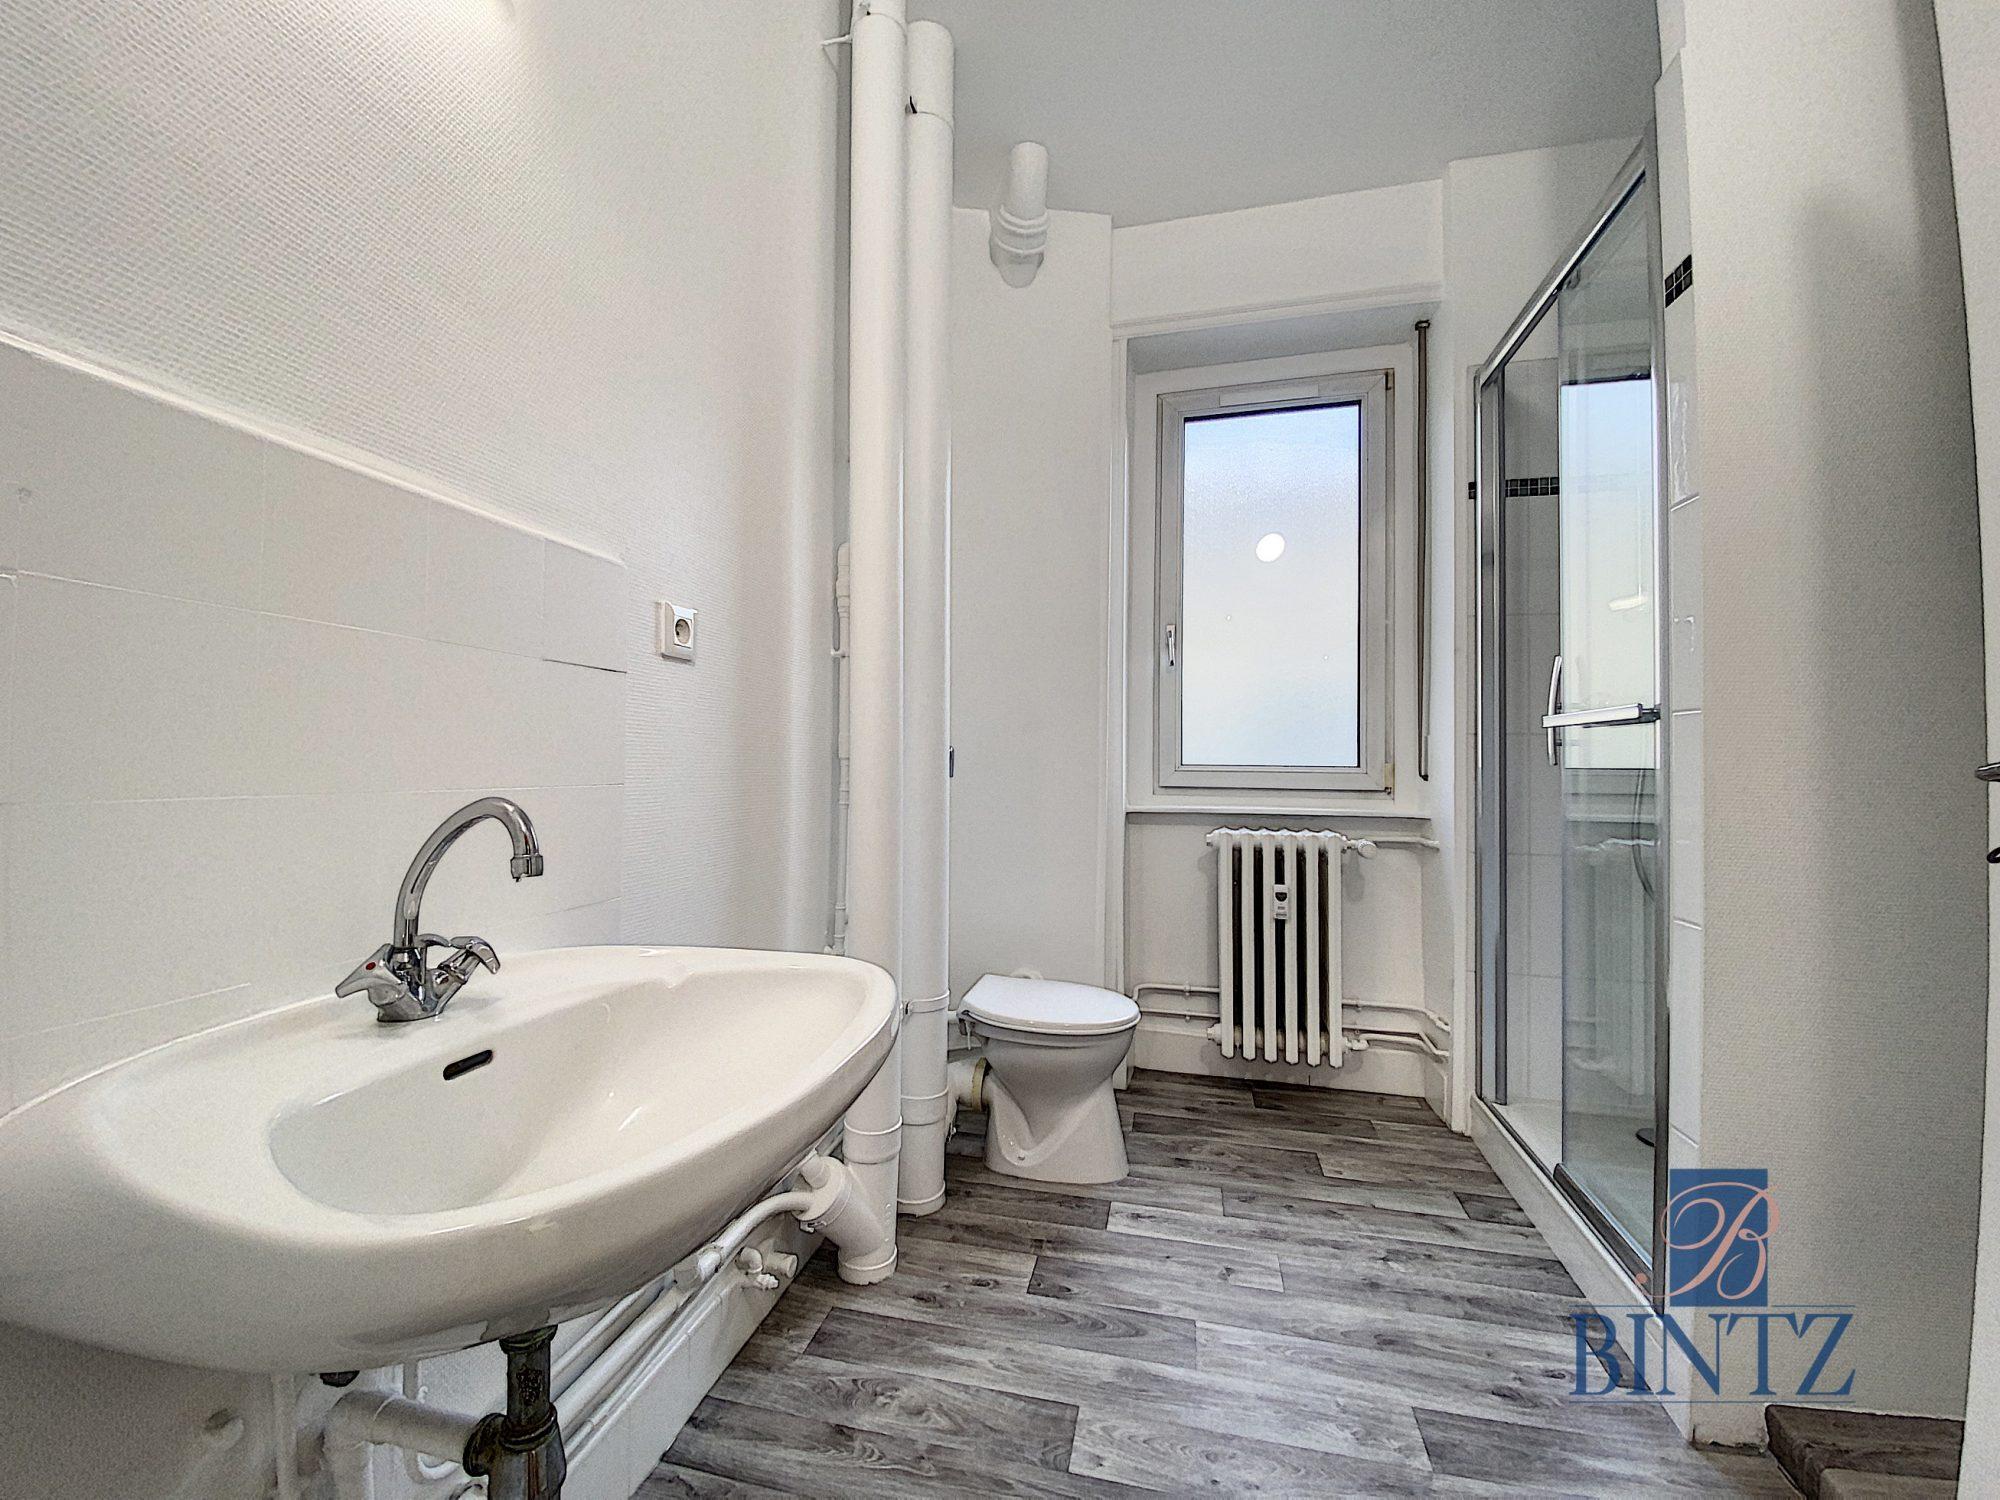 GRAND 1PIÈCE RÉNOVÉ KRUTENAU - Devenez locataire en toute sérénité - Bintz Immobilier - 3